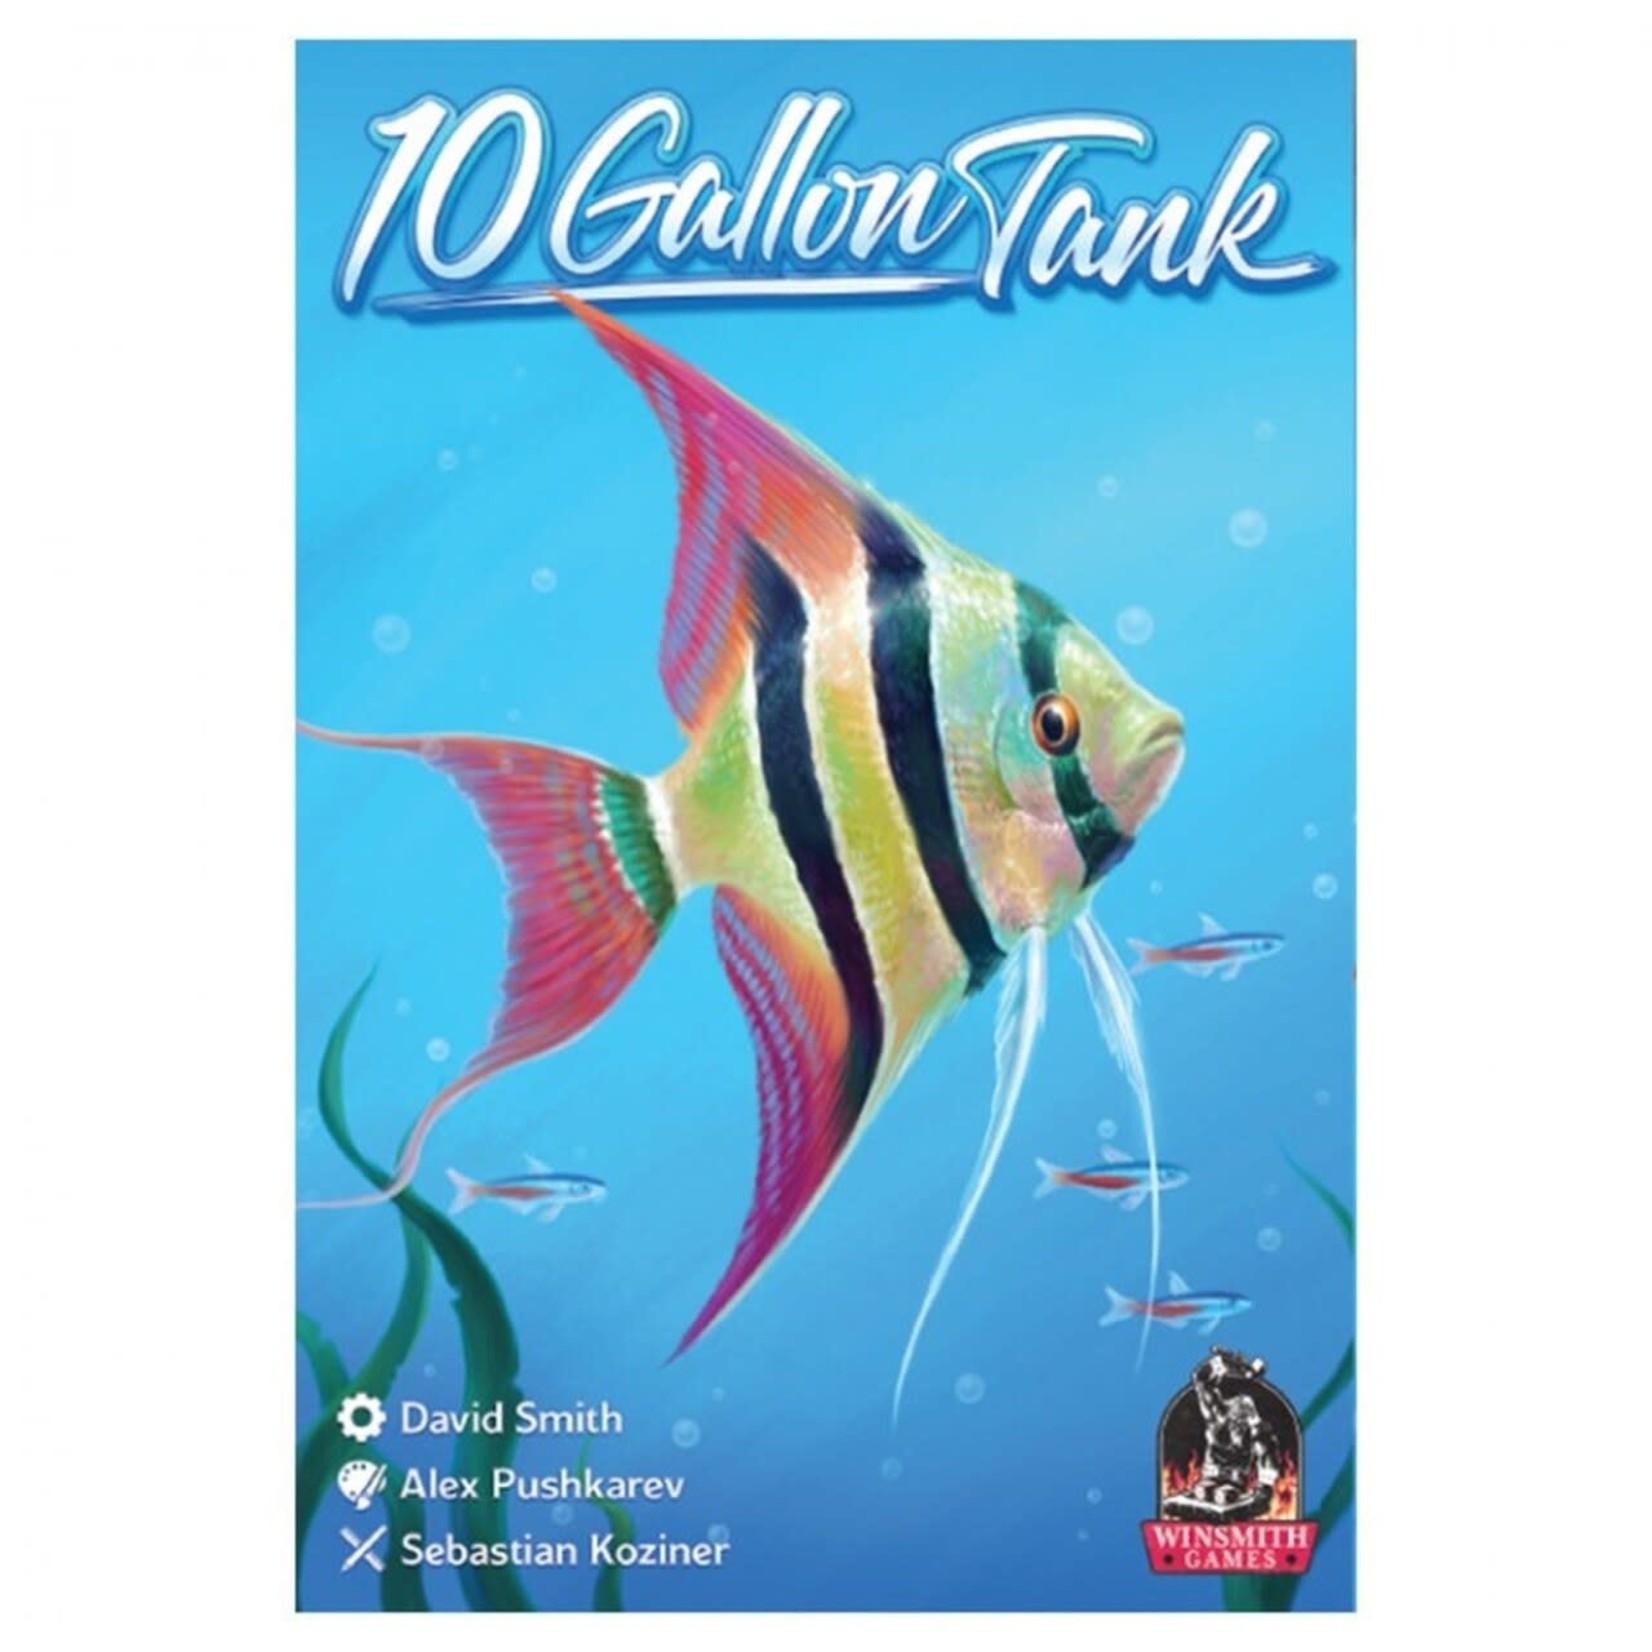 Winsmith Games 10 Gallon Tank